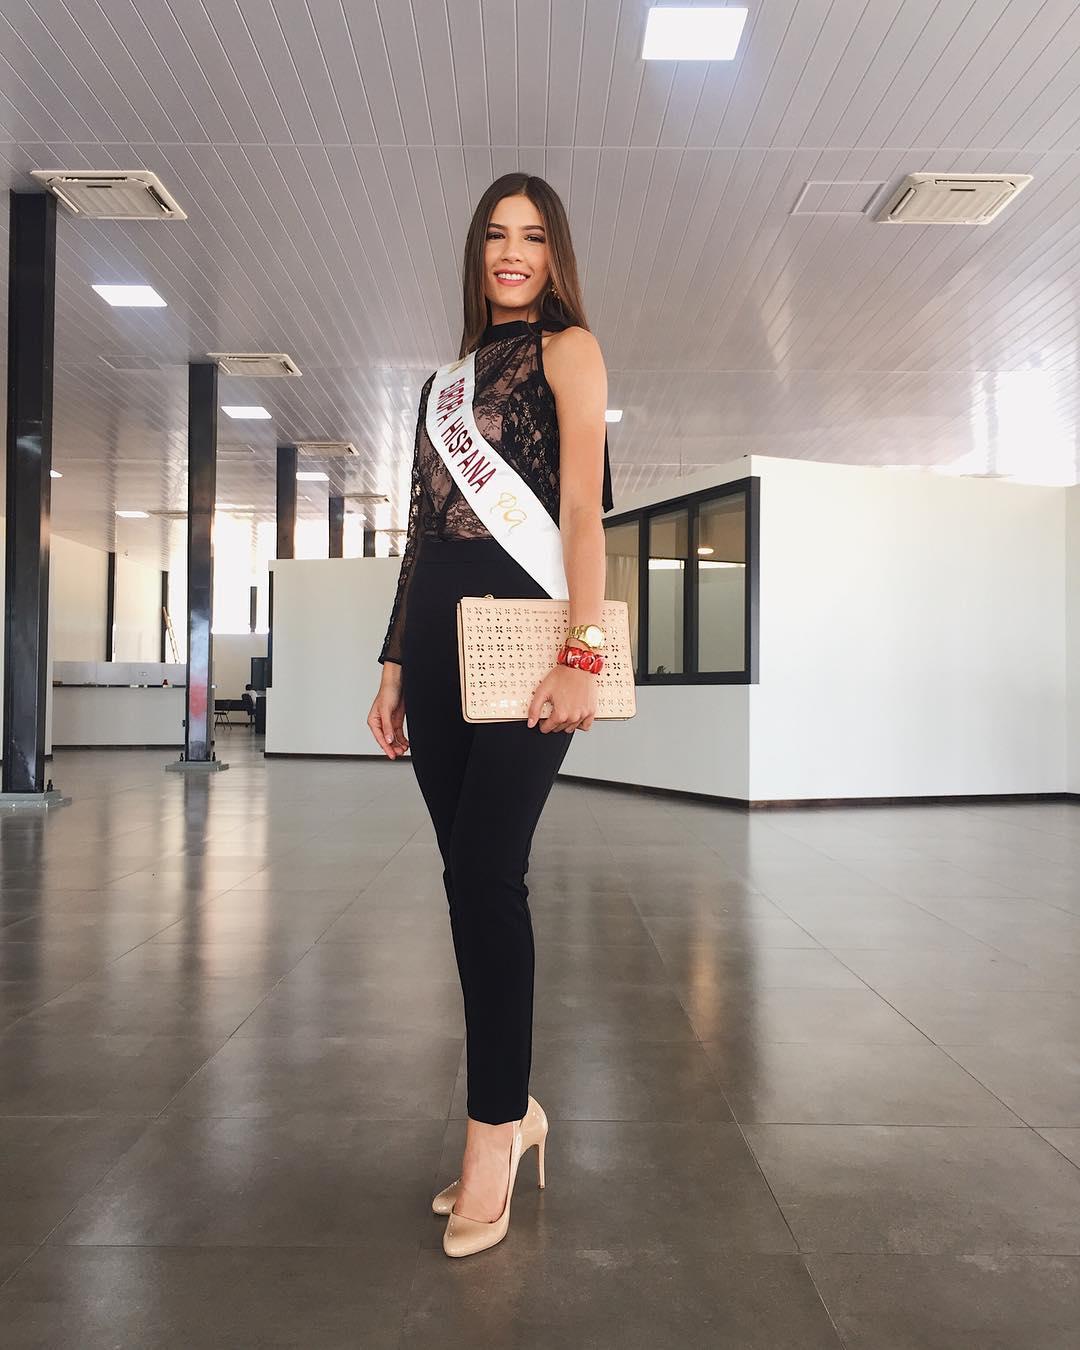 daniela santeliz acosta, 8 finalista de reyna hispanoamericana 2018. - Página 2 44282010